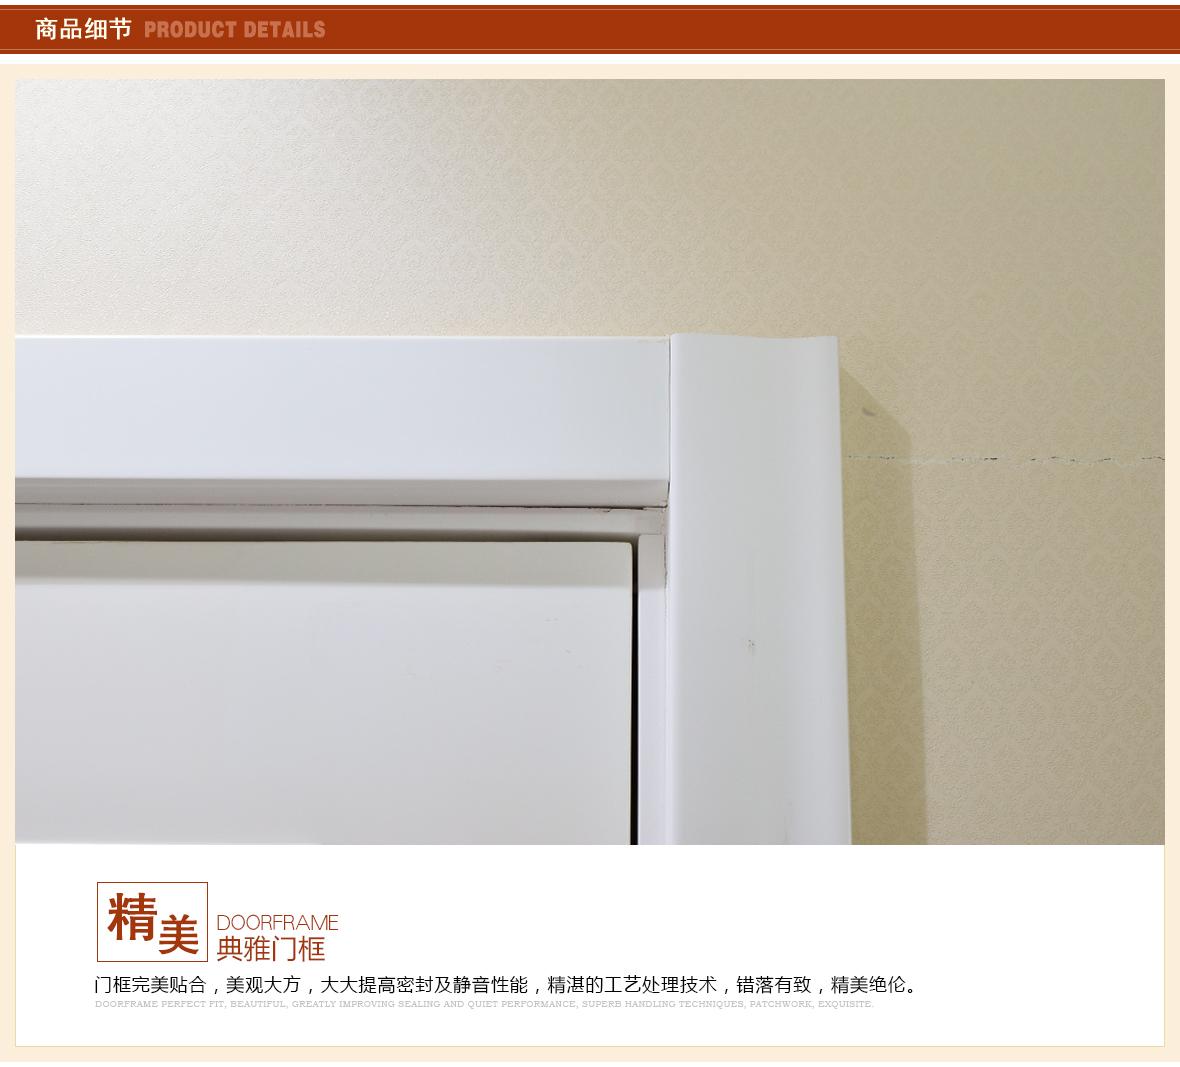 门之杰·美佳 MJ-023内右开室内门实木门 木门专属定制 细节